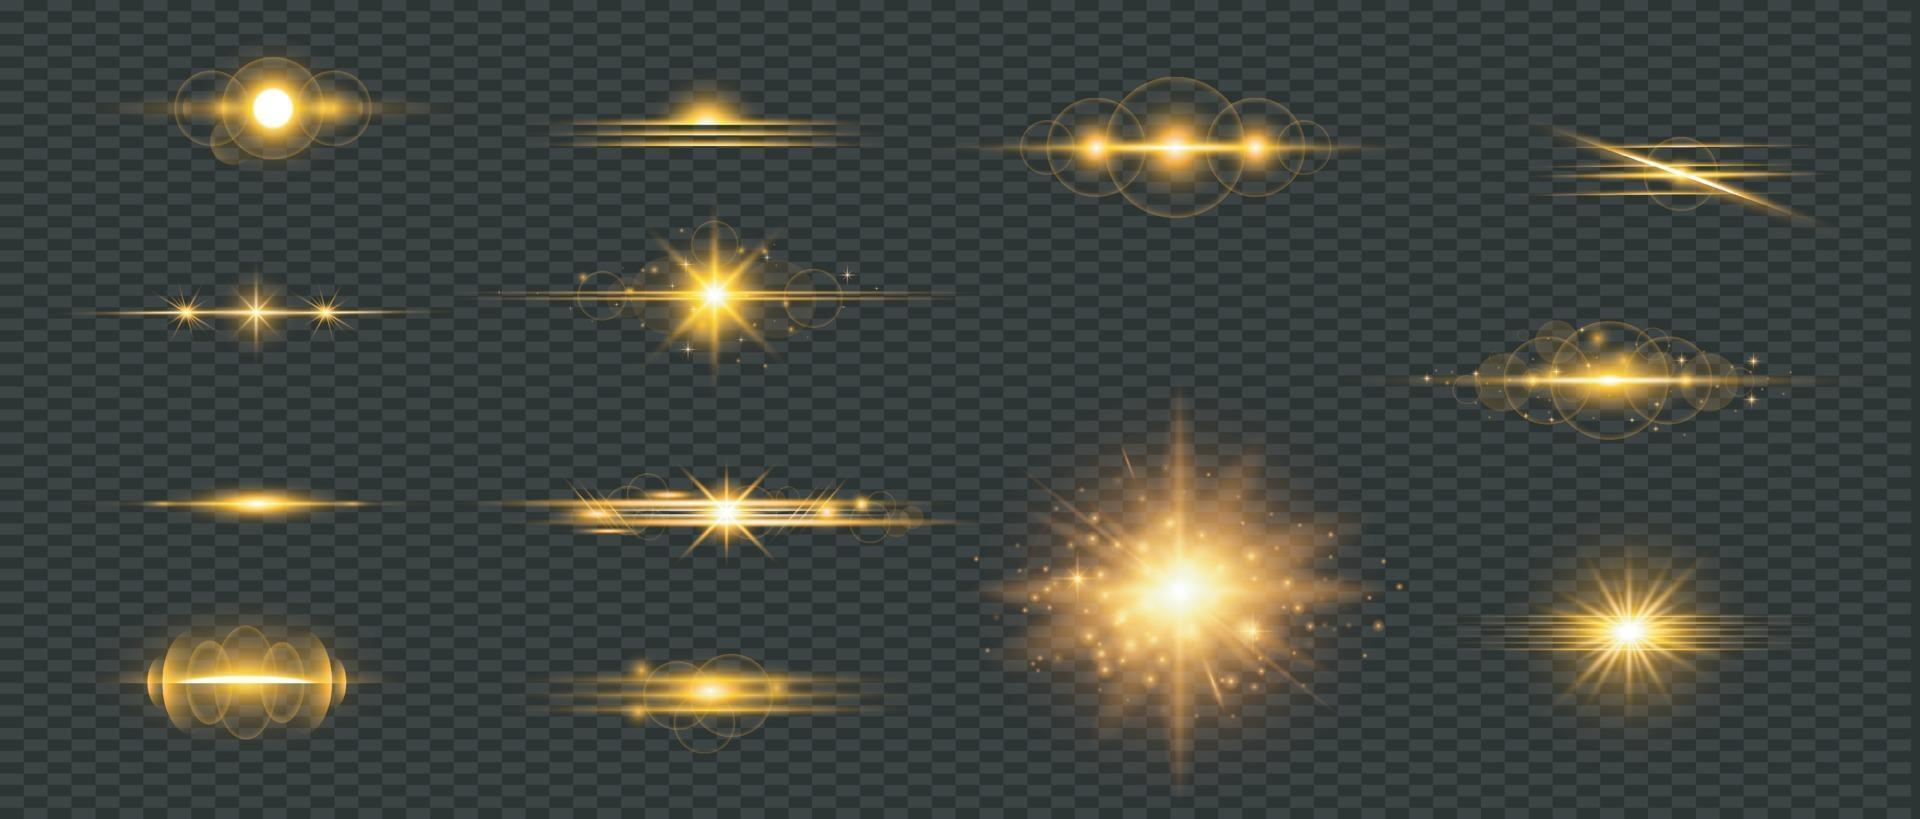 conjunto de destello de lente dorada vector